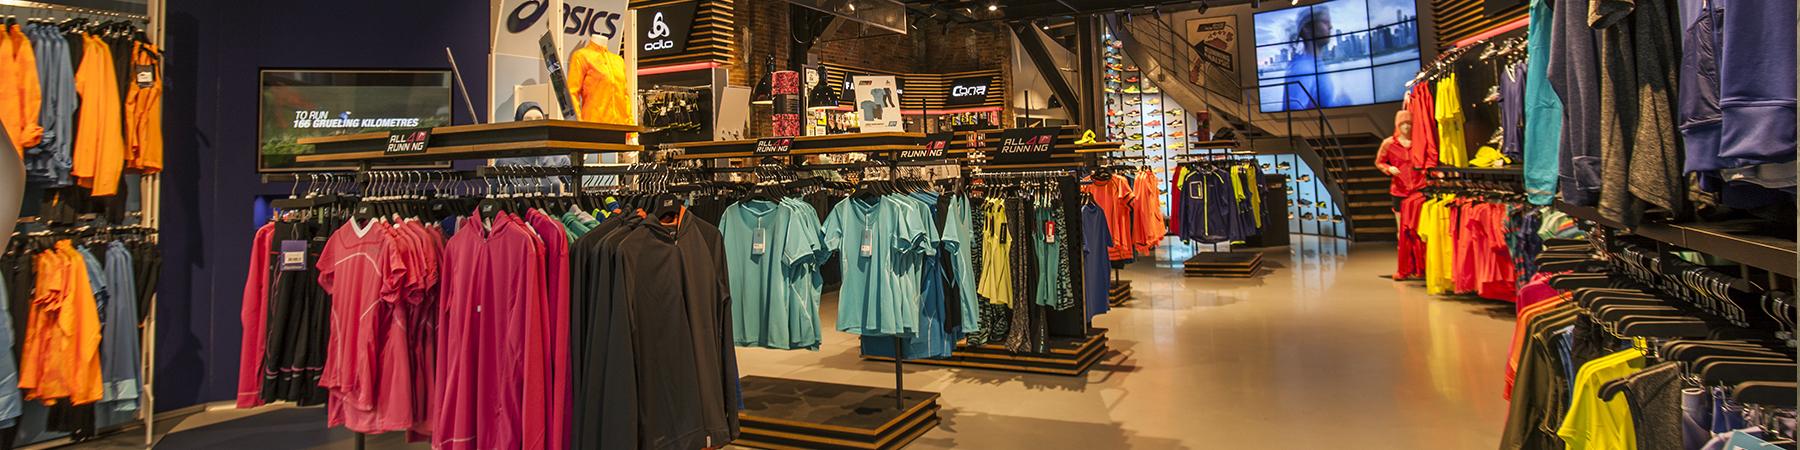 All4running Flasgship Store Alkmaar